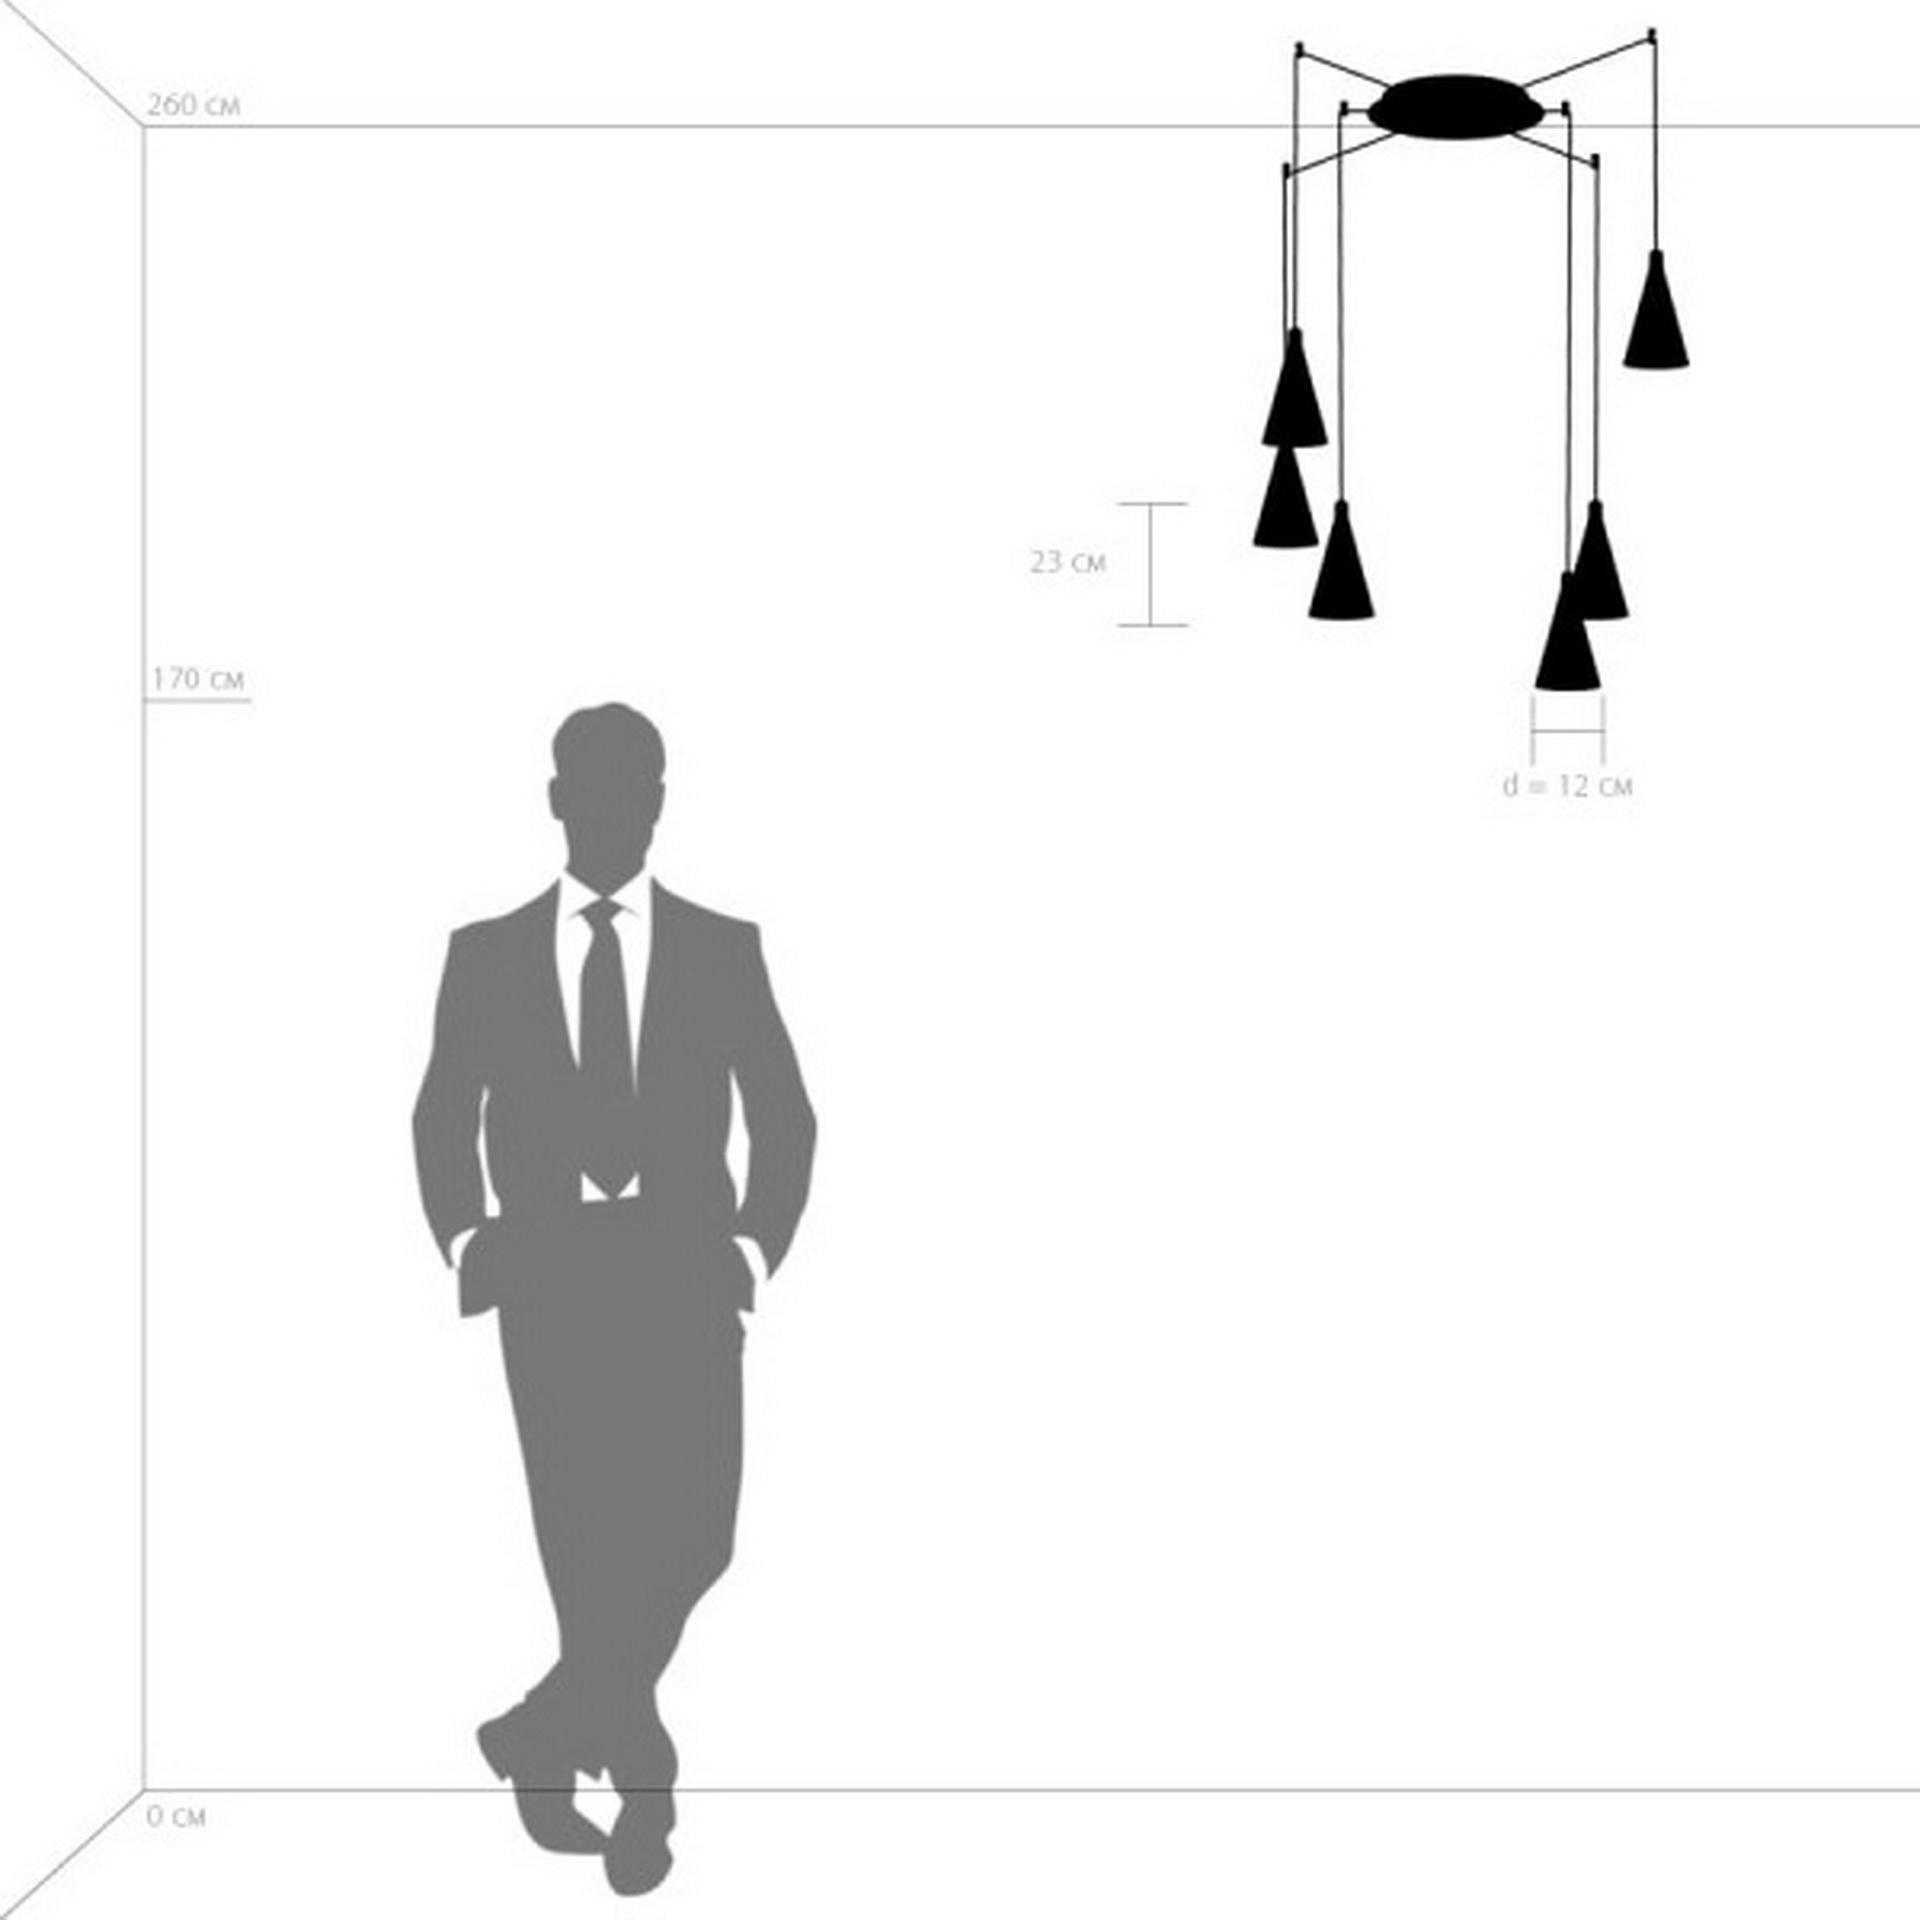 Подвесная люстра CONE LightStar 757067 цвет - черный матовый, купить в СПб, Москве, с доставкой, Санкт-Петербург, интернет-магазин люстр и светильников Starlight, фото в жизни